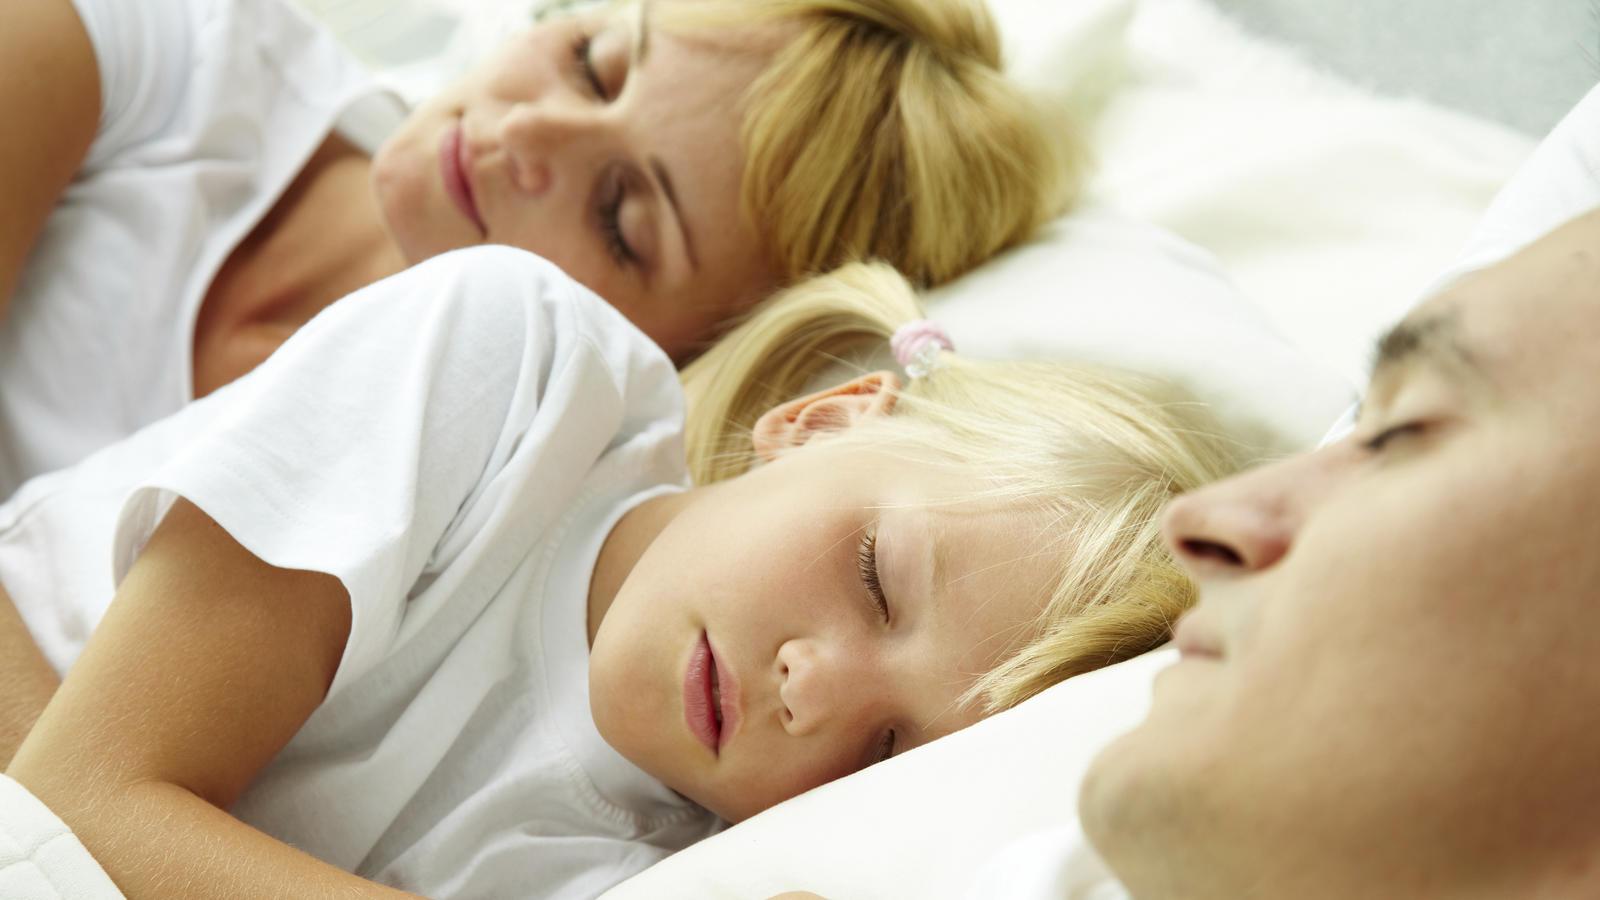 Da ist wohl jemand wieder in der Nacht heimlich in Mamas und Papas Bett gekrochen. Welche Eltern kennen das nicht?!